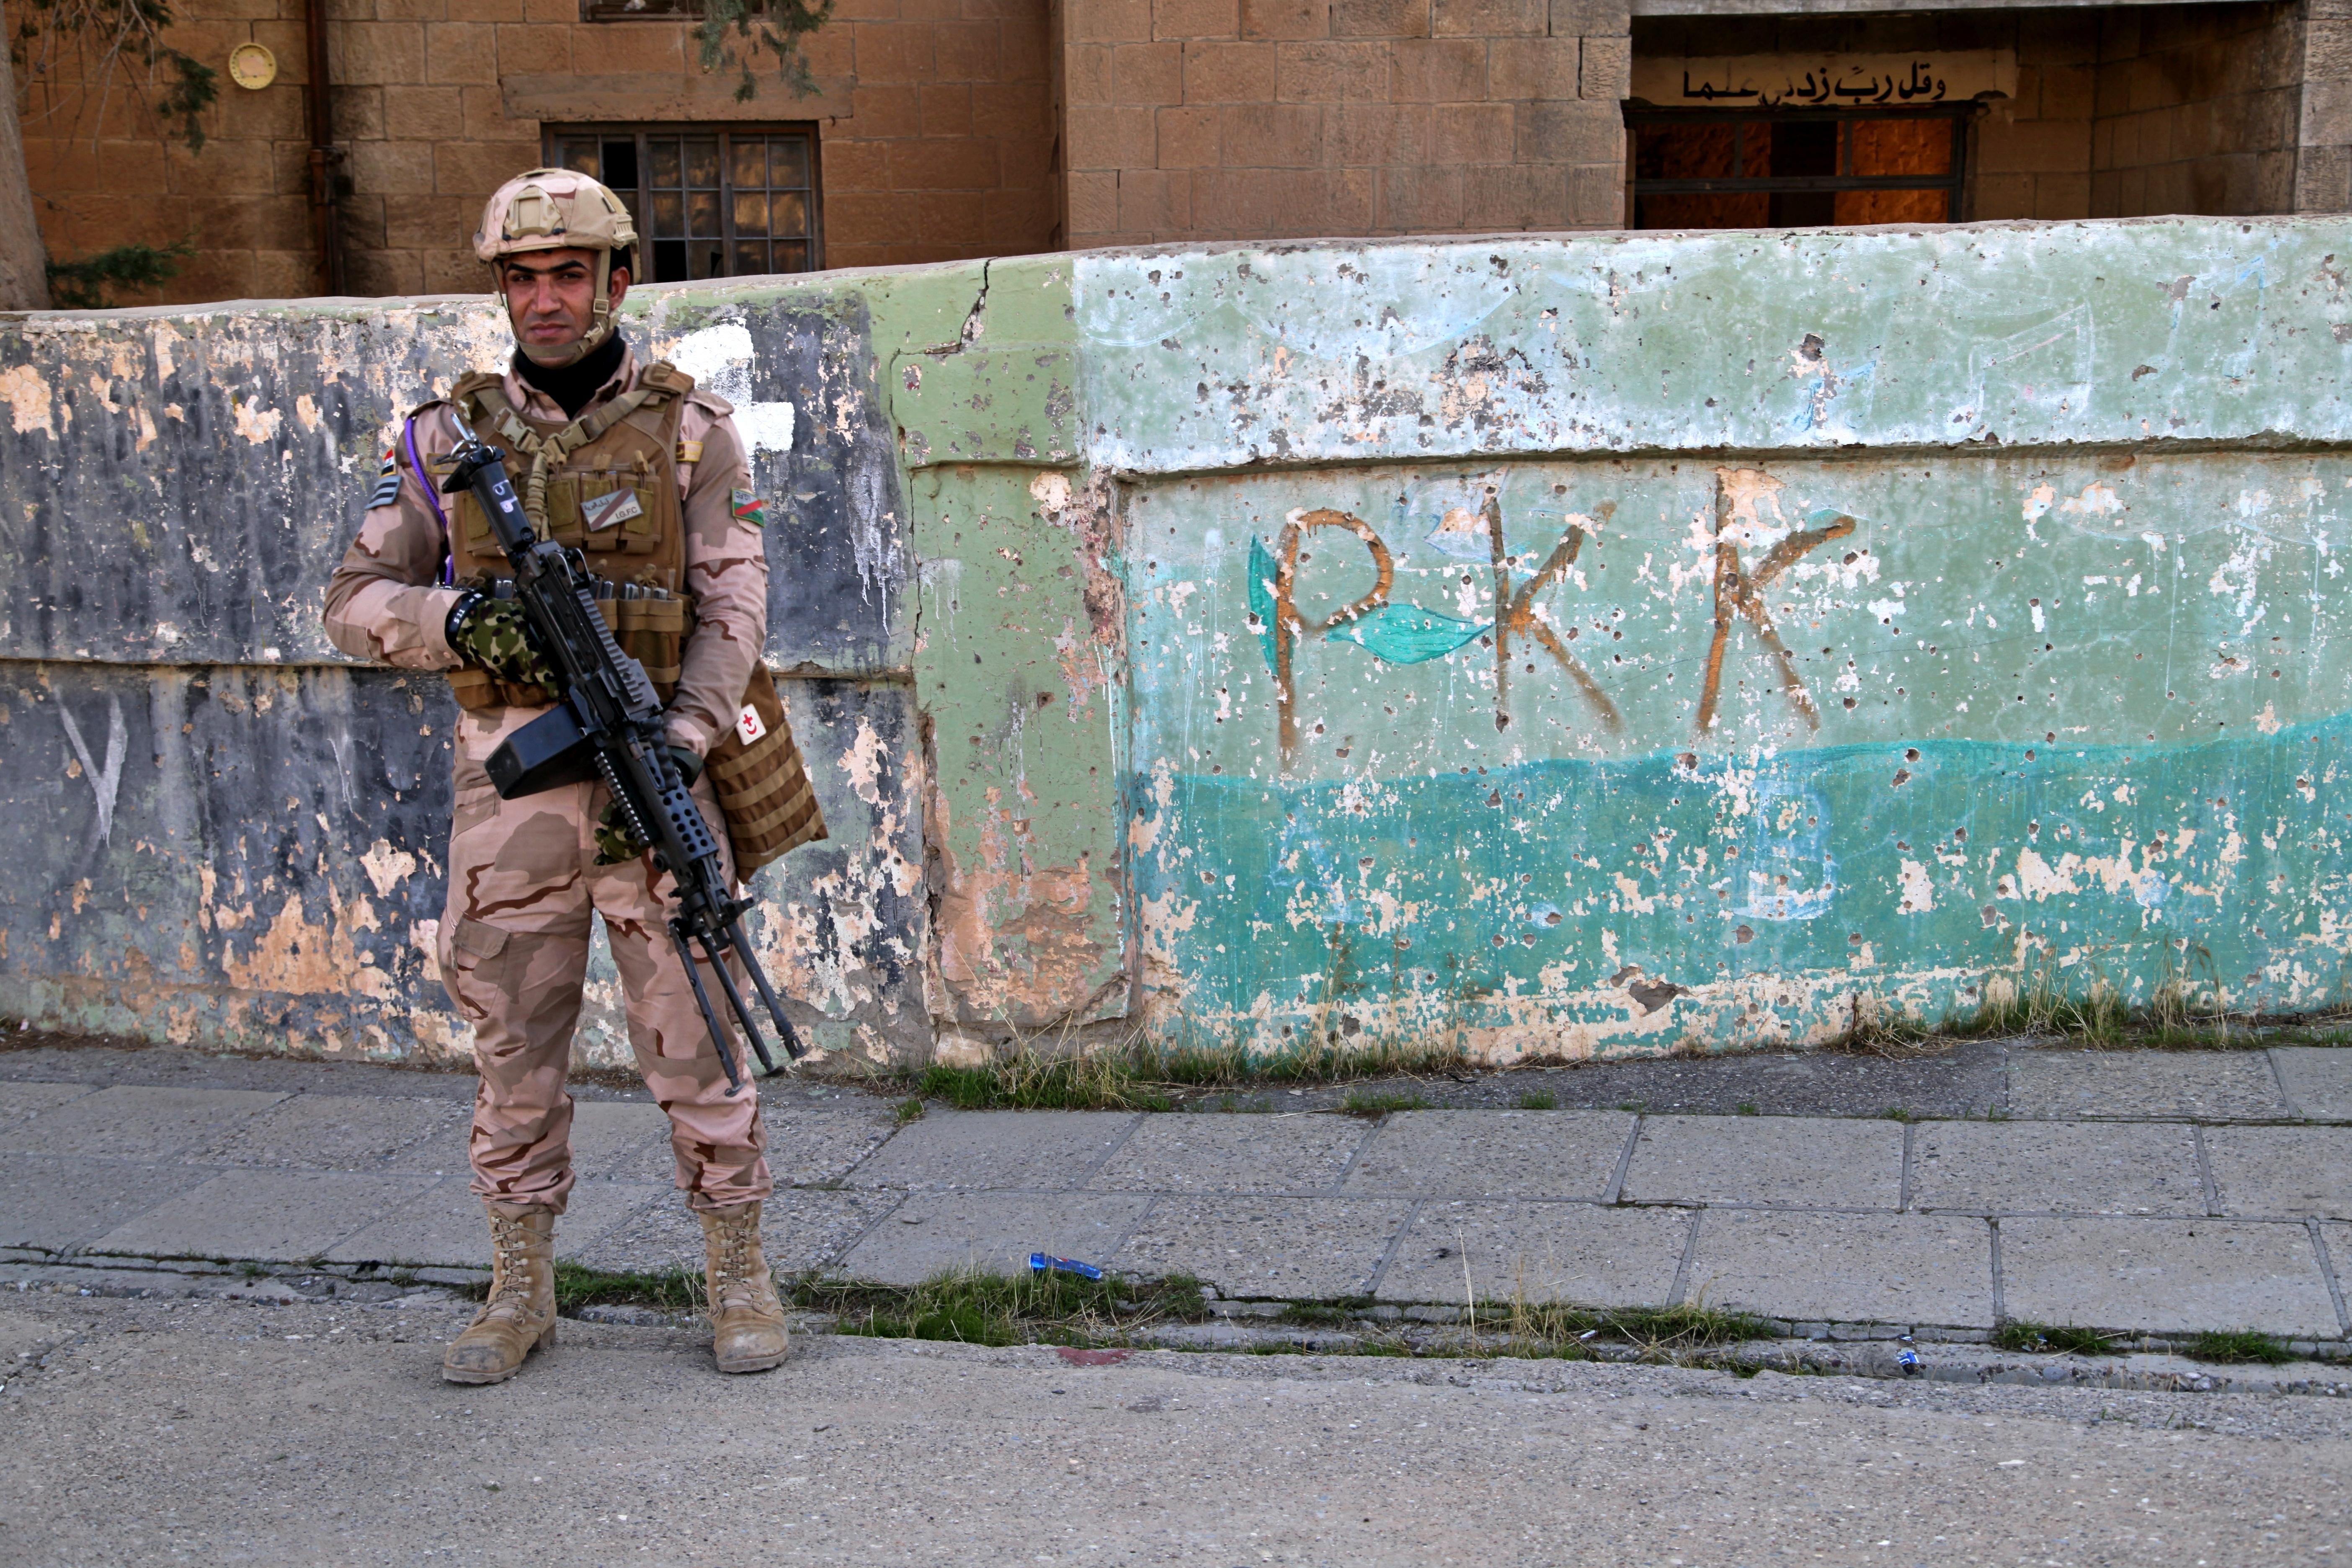 חייל צבאי עירקי עומד ליד הגרפיטי שהשאיר שלוחה של מפלגת העובדים בכורדיסטאן, או PKK, אשר לאחרונה ...